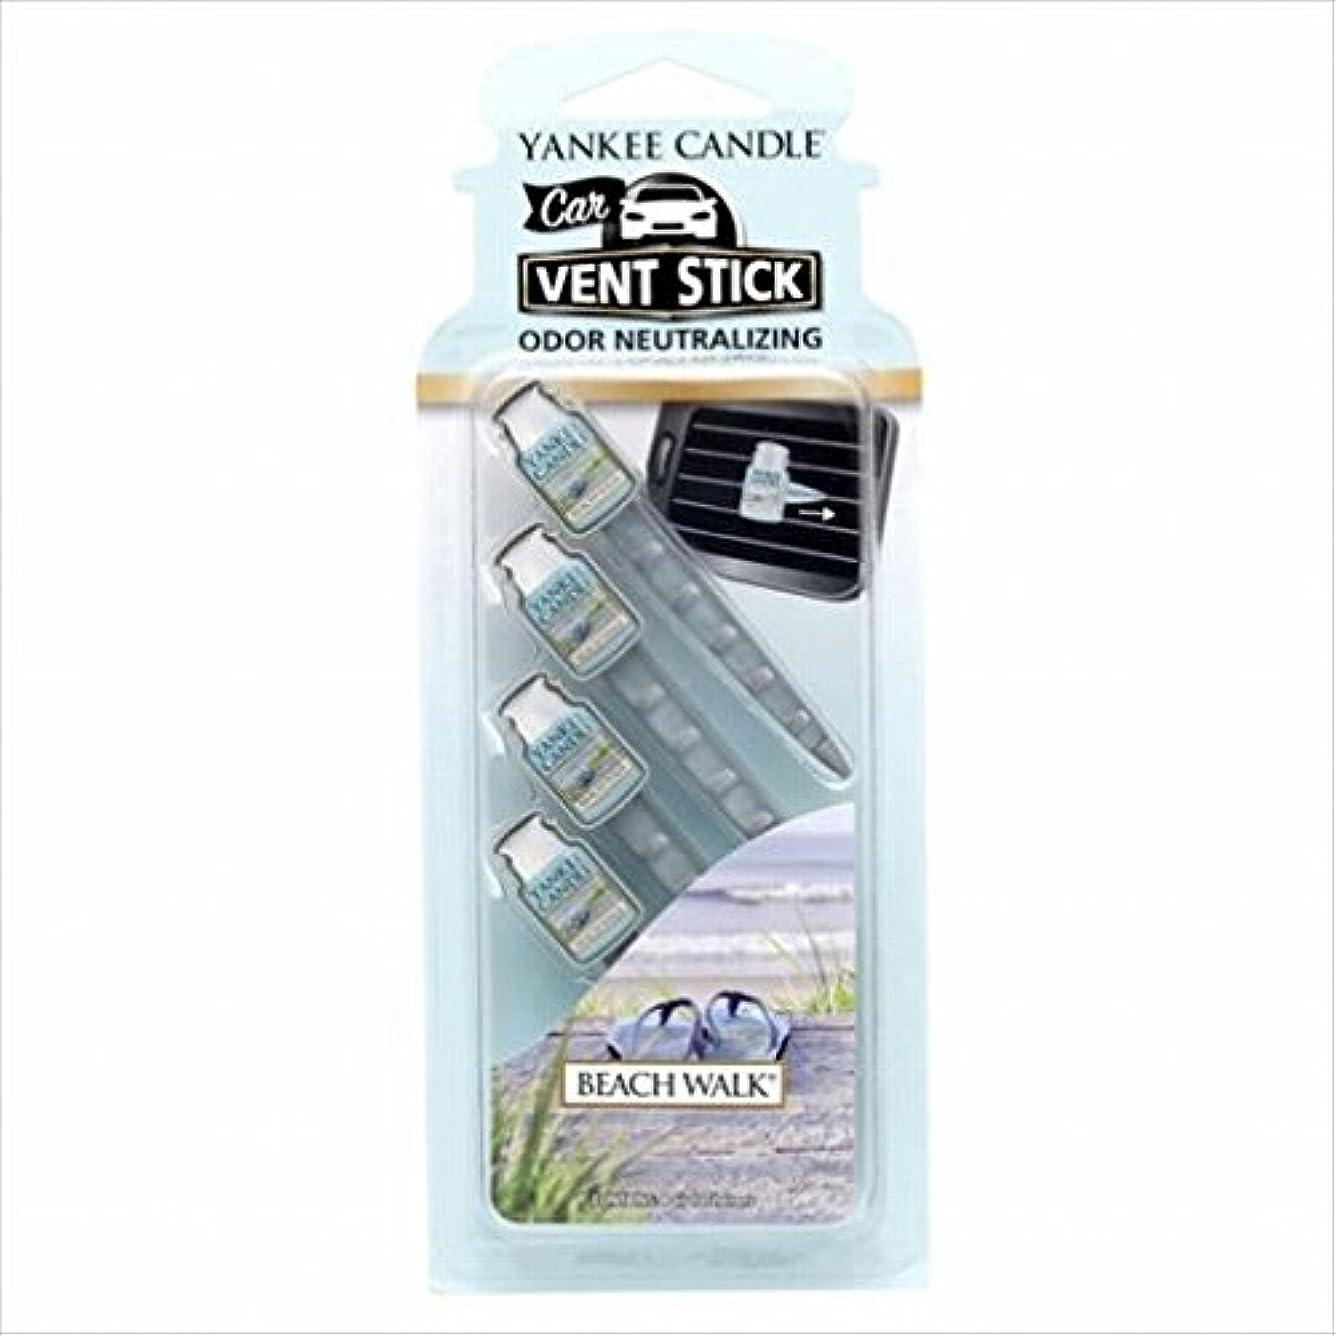 キャメル強風生命体ヤンキーキャンドル(YANKEE CANDLE) YANKEE CANDLE カーフレグランススティック 「 ビーチウォーク 」